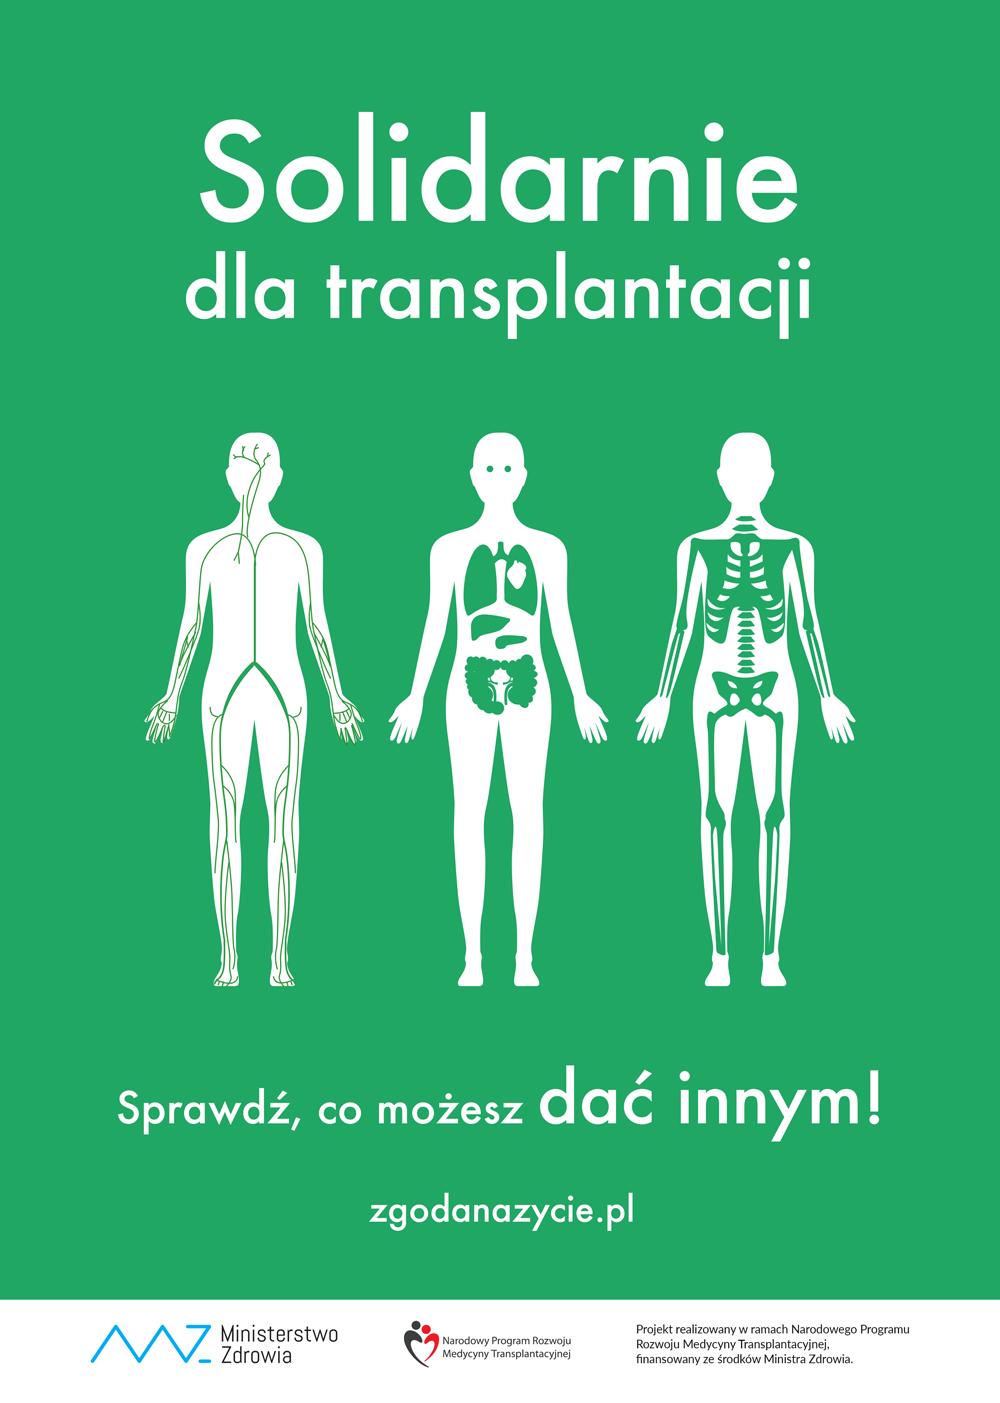 plakat kampanii Solidarnie dla transplantacji; przeszczep; sprawdź co możesz dać innym